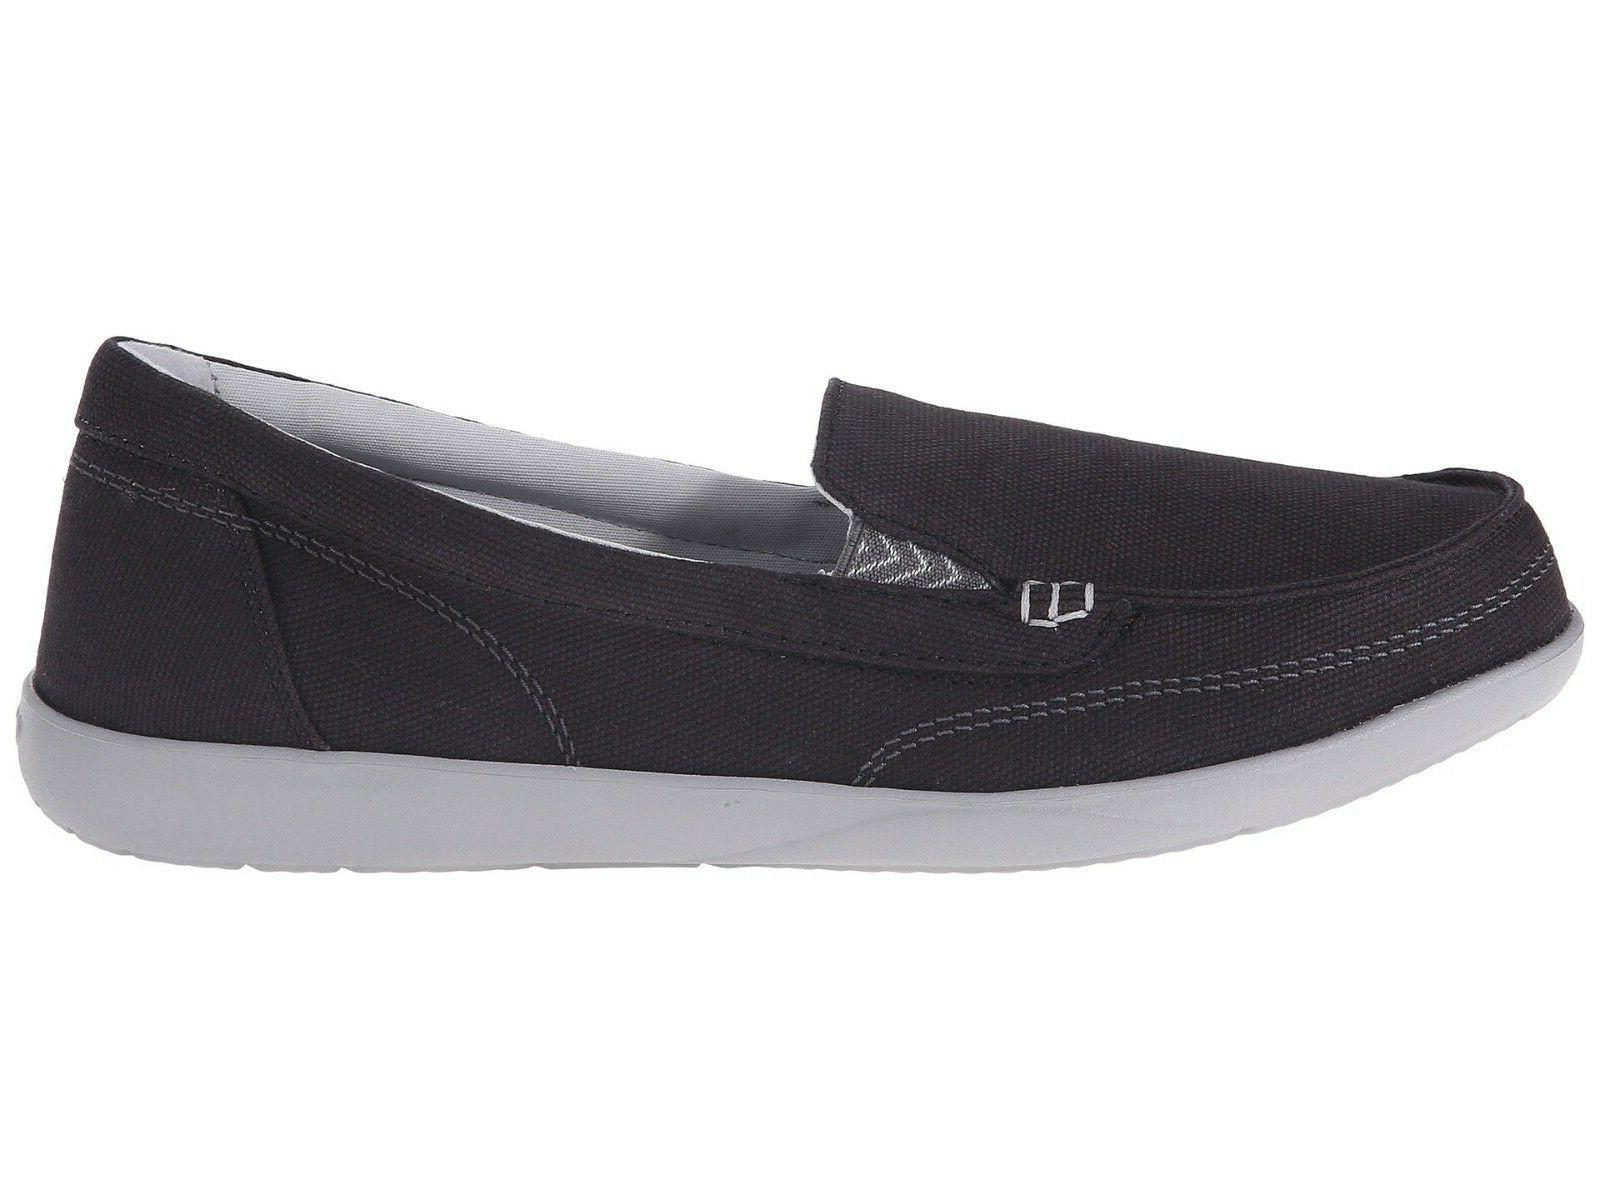 New Women's Crocs WALU II Canvas Slip-on Loafers Shoes SZ 6